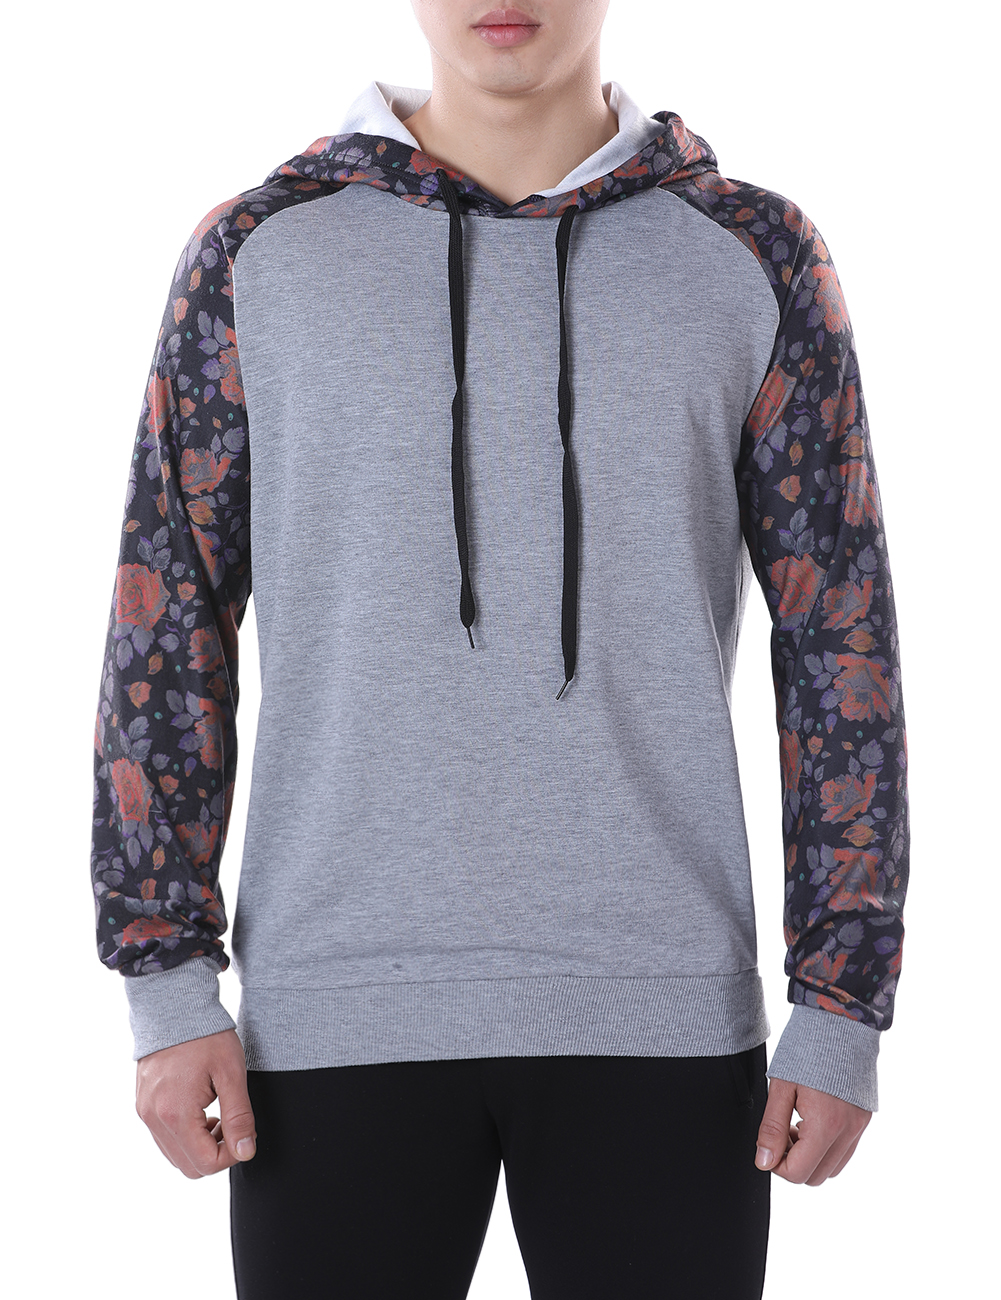 2018 Fashion Hoodies Men Floral Hip Hop Mens Brand Patchwork hooded Pullovers Hoodie Cardigan Sweatshirt Slim Fit Men Hoody